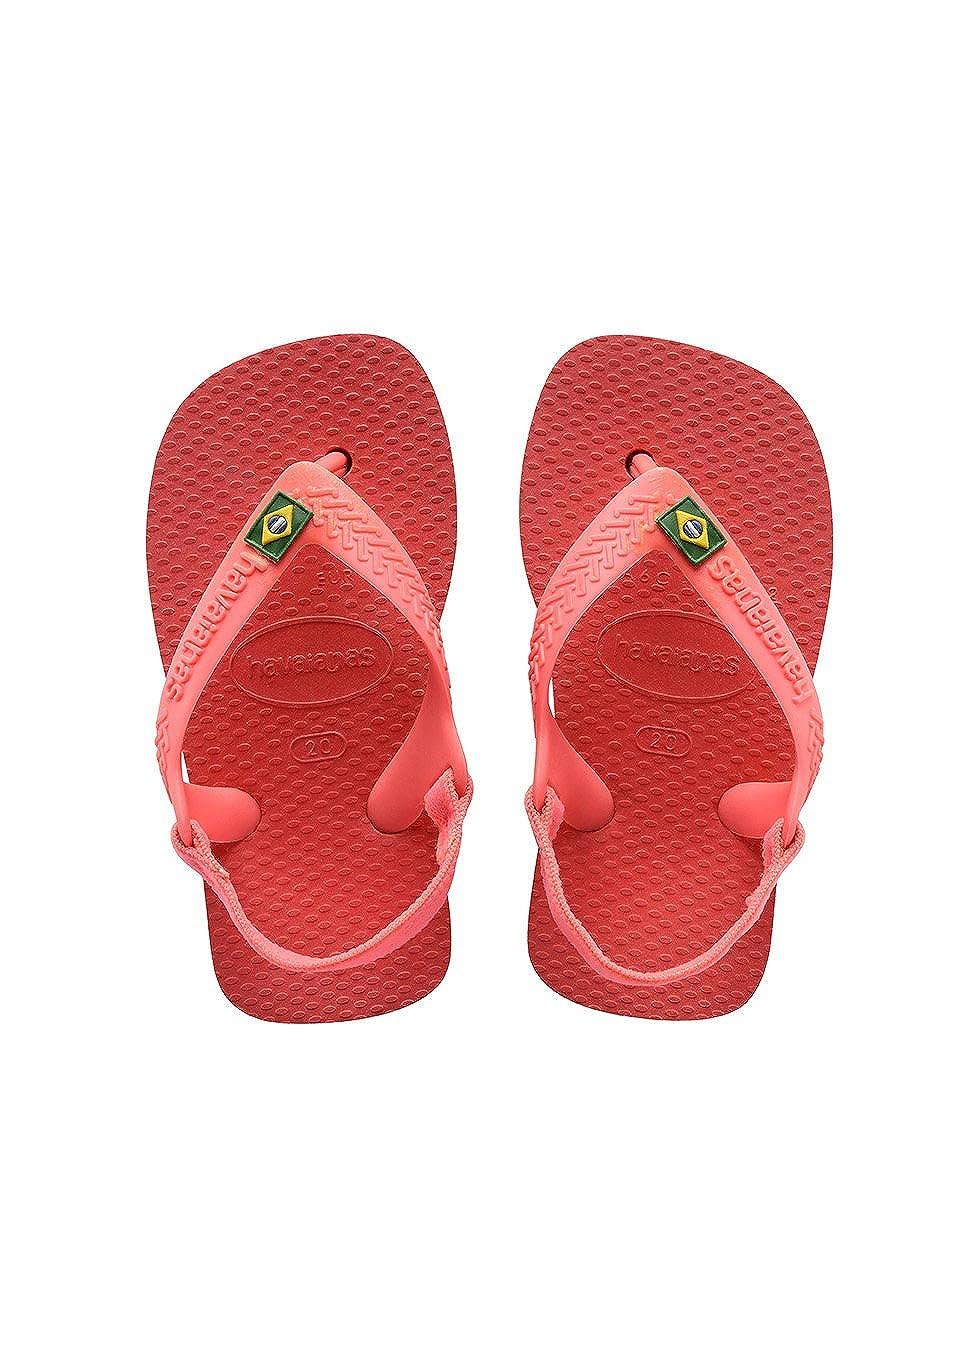 Havaianas Tongs Bebe Brasil Logo Havaianas KIDS SLIM PRINCESS 25/26 EU (23/24 BR) 4119727